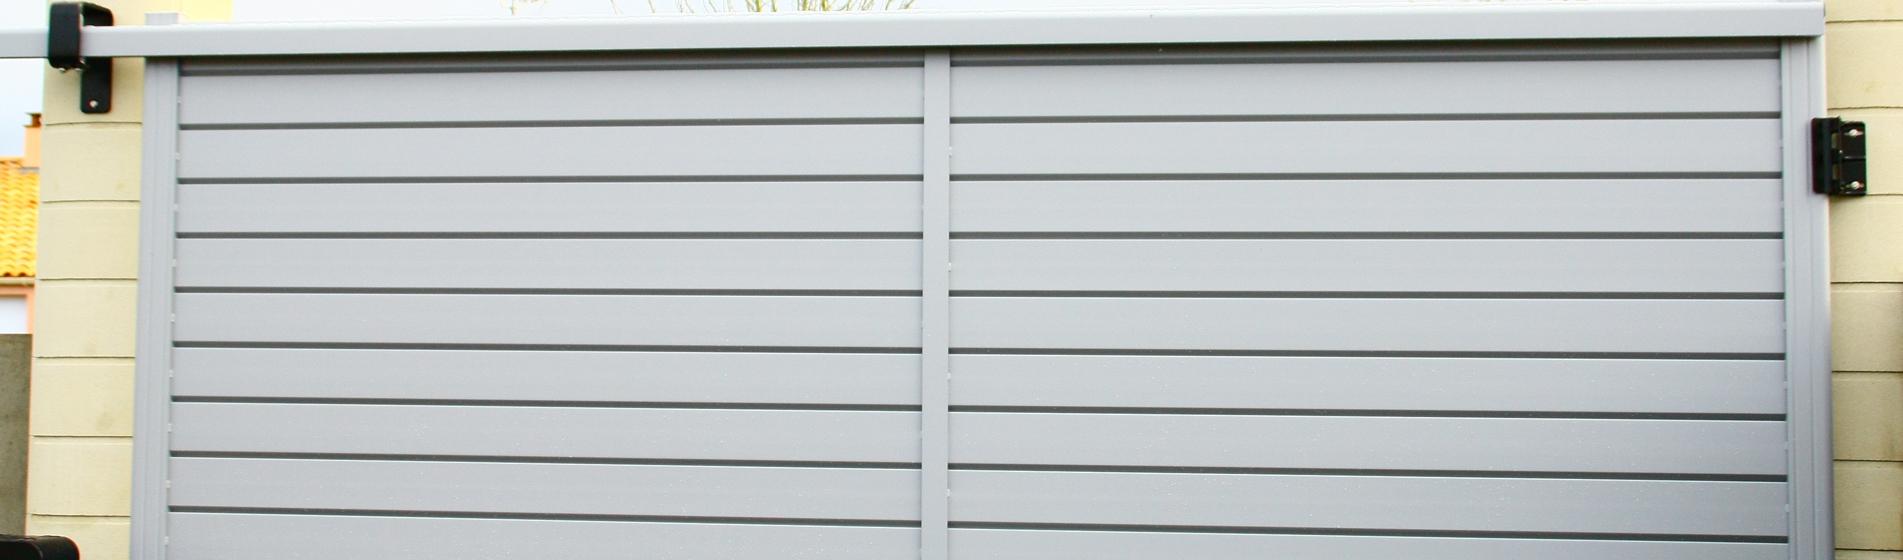 fabricant portail coulissant avec portillon 30 Gard